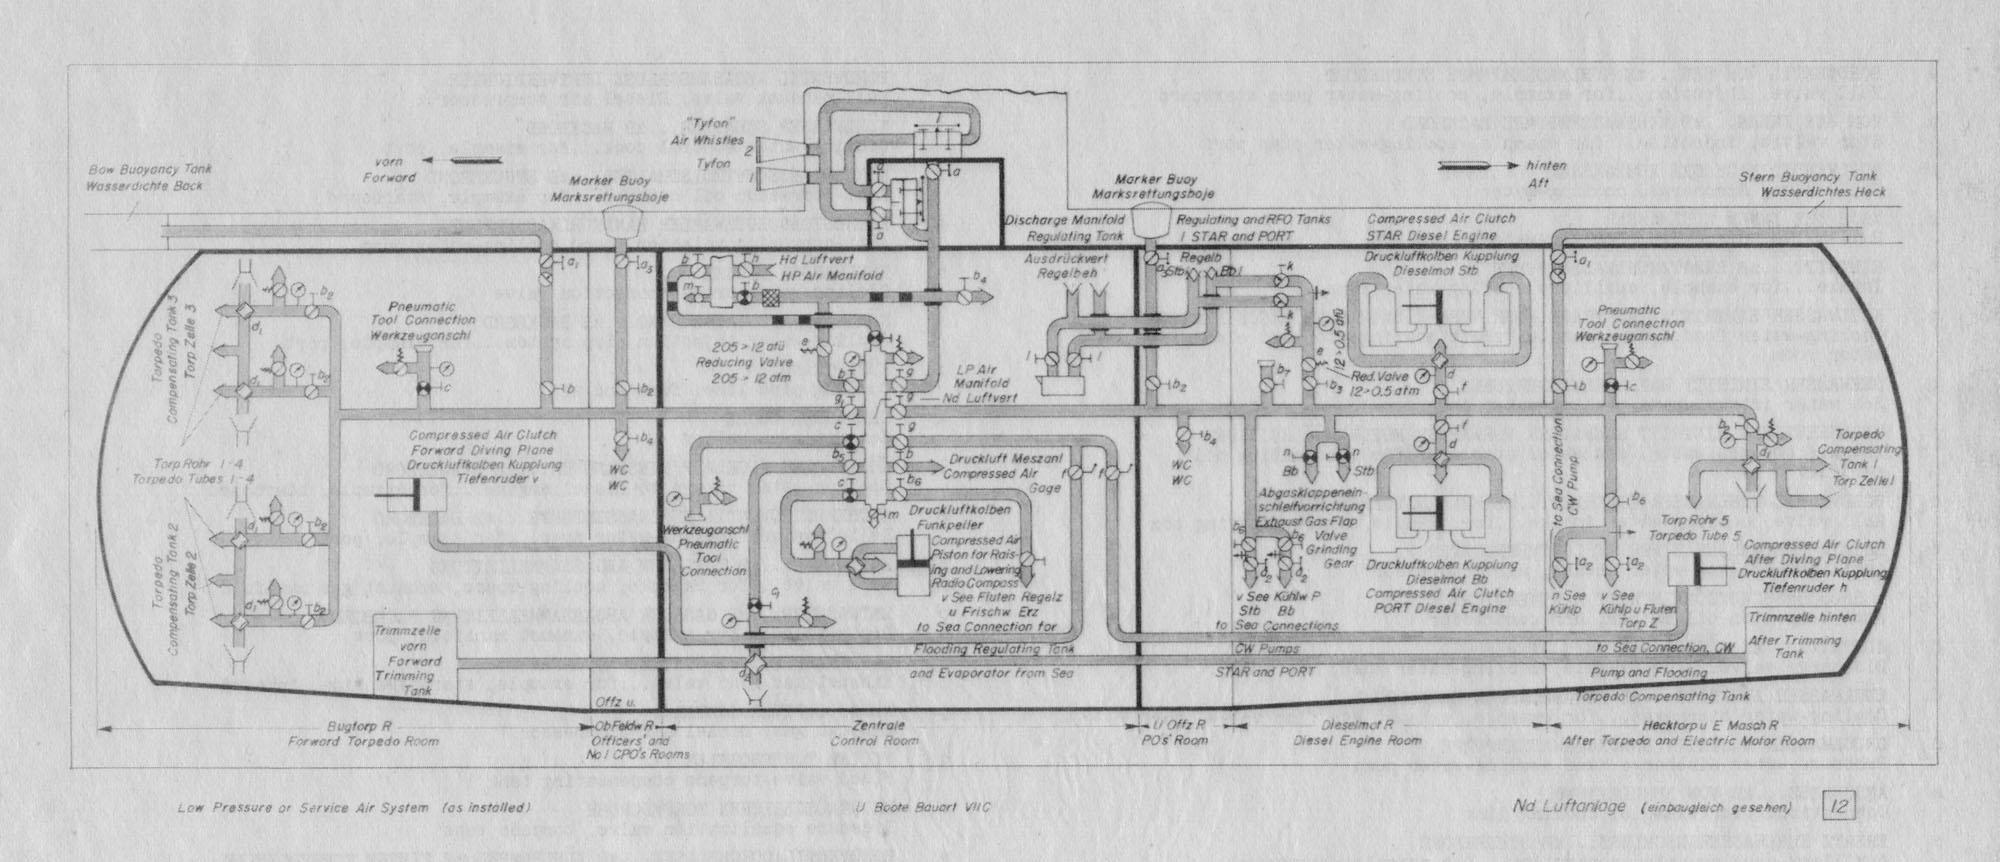 u-boat archive - u-570